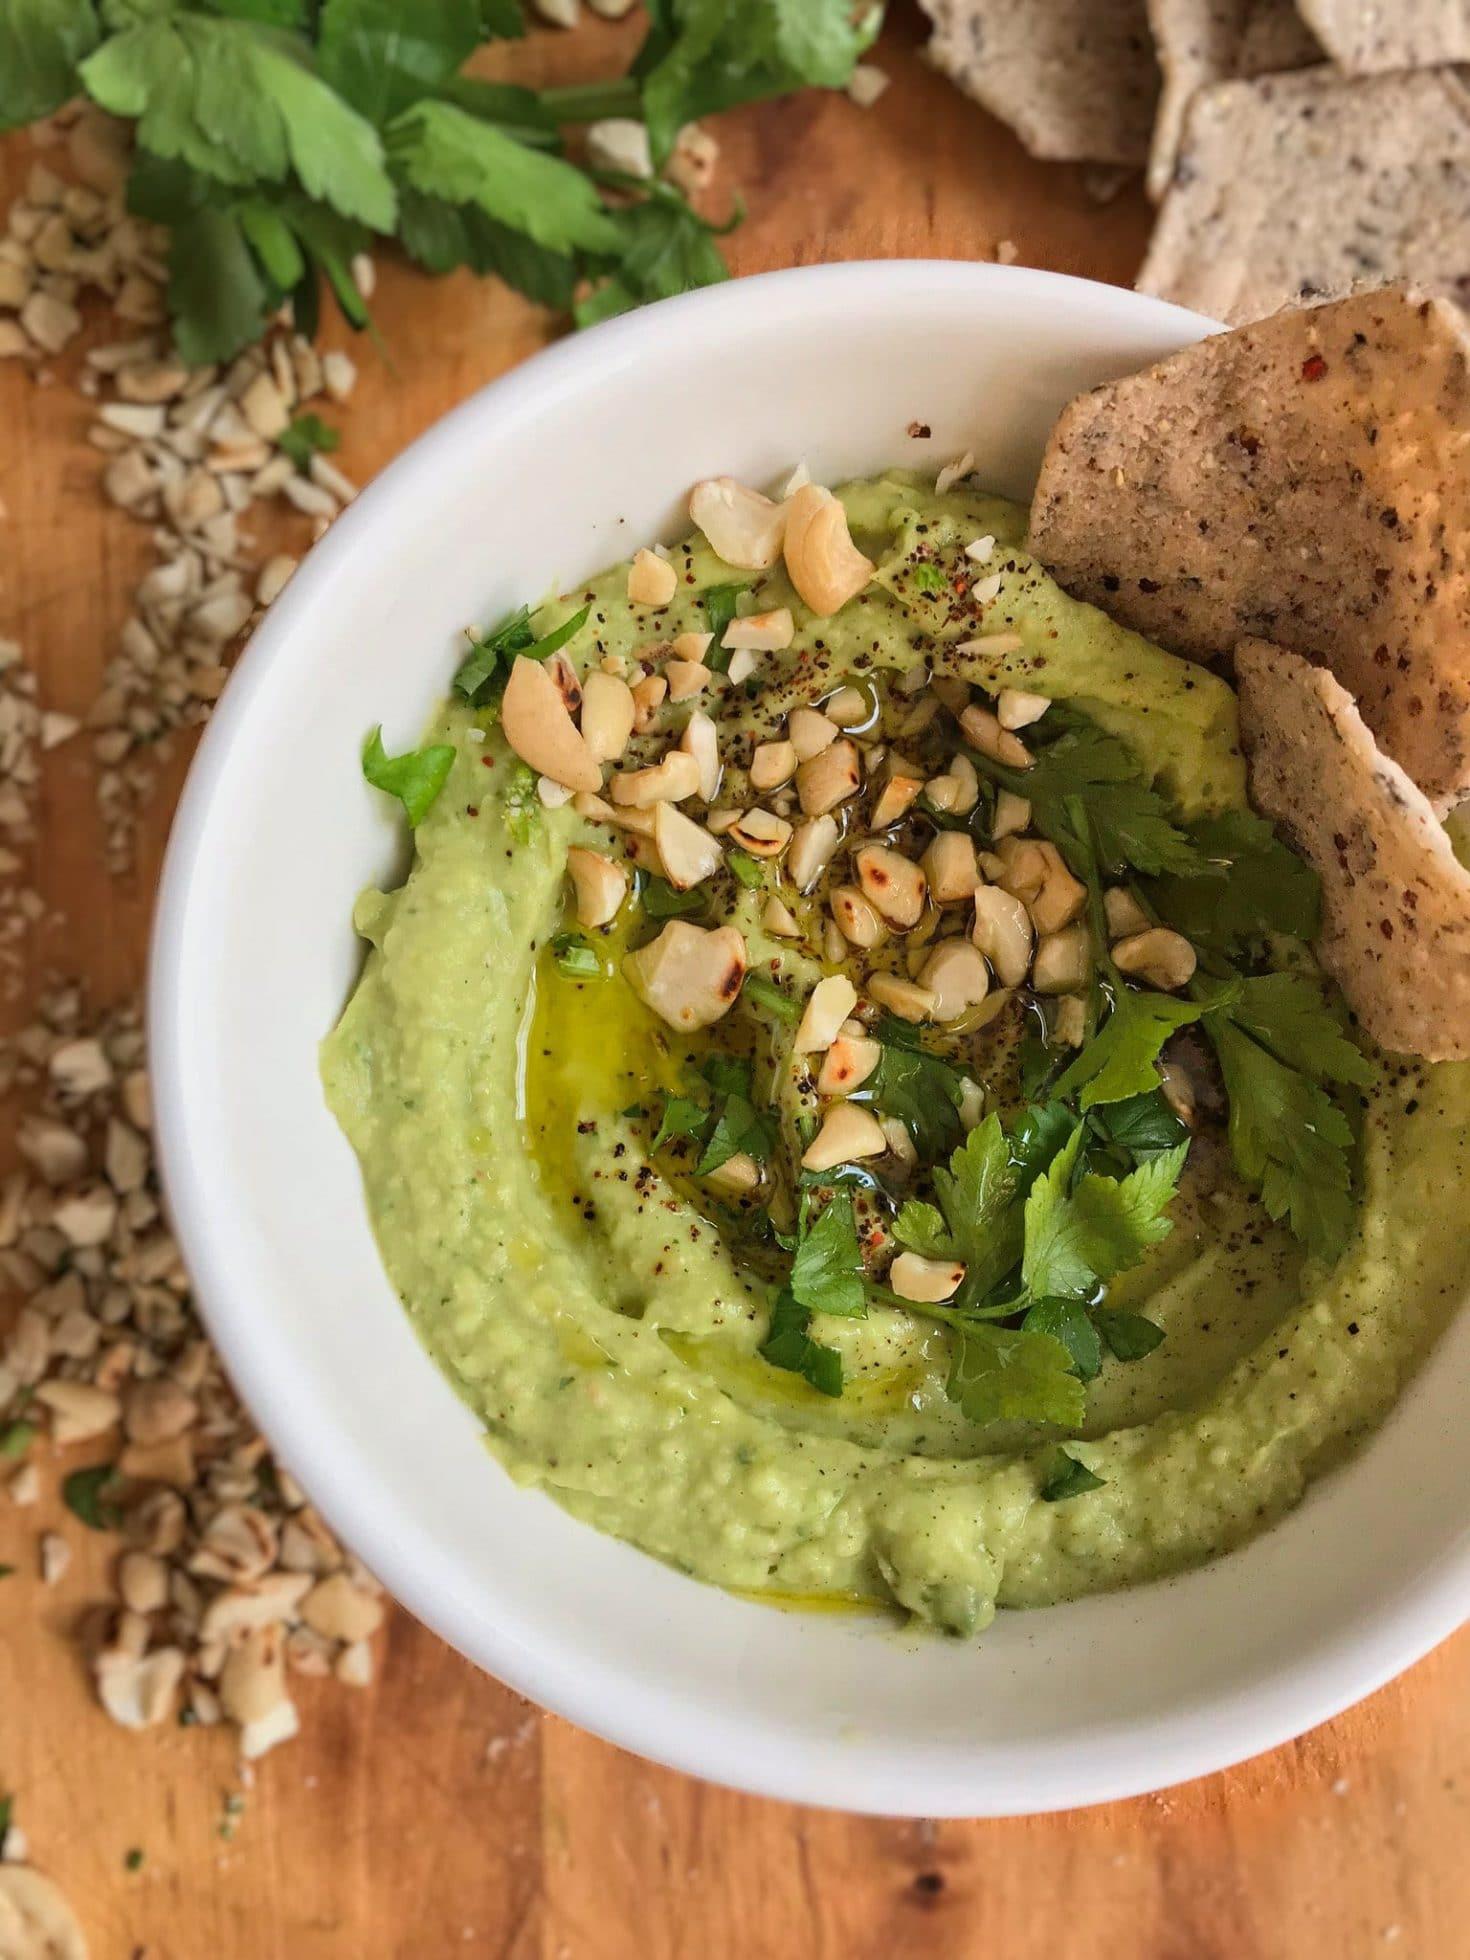 Avocado White Bean Hummus